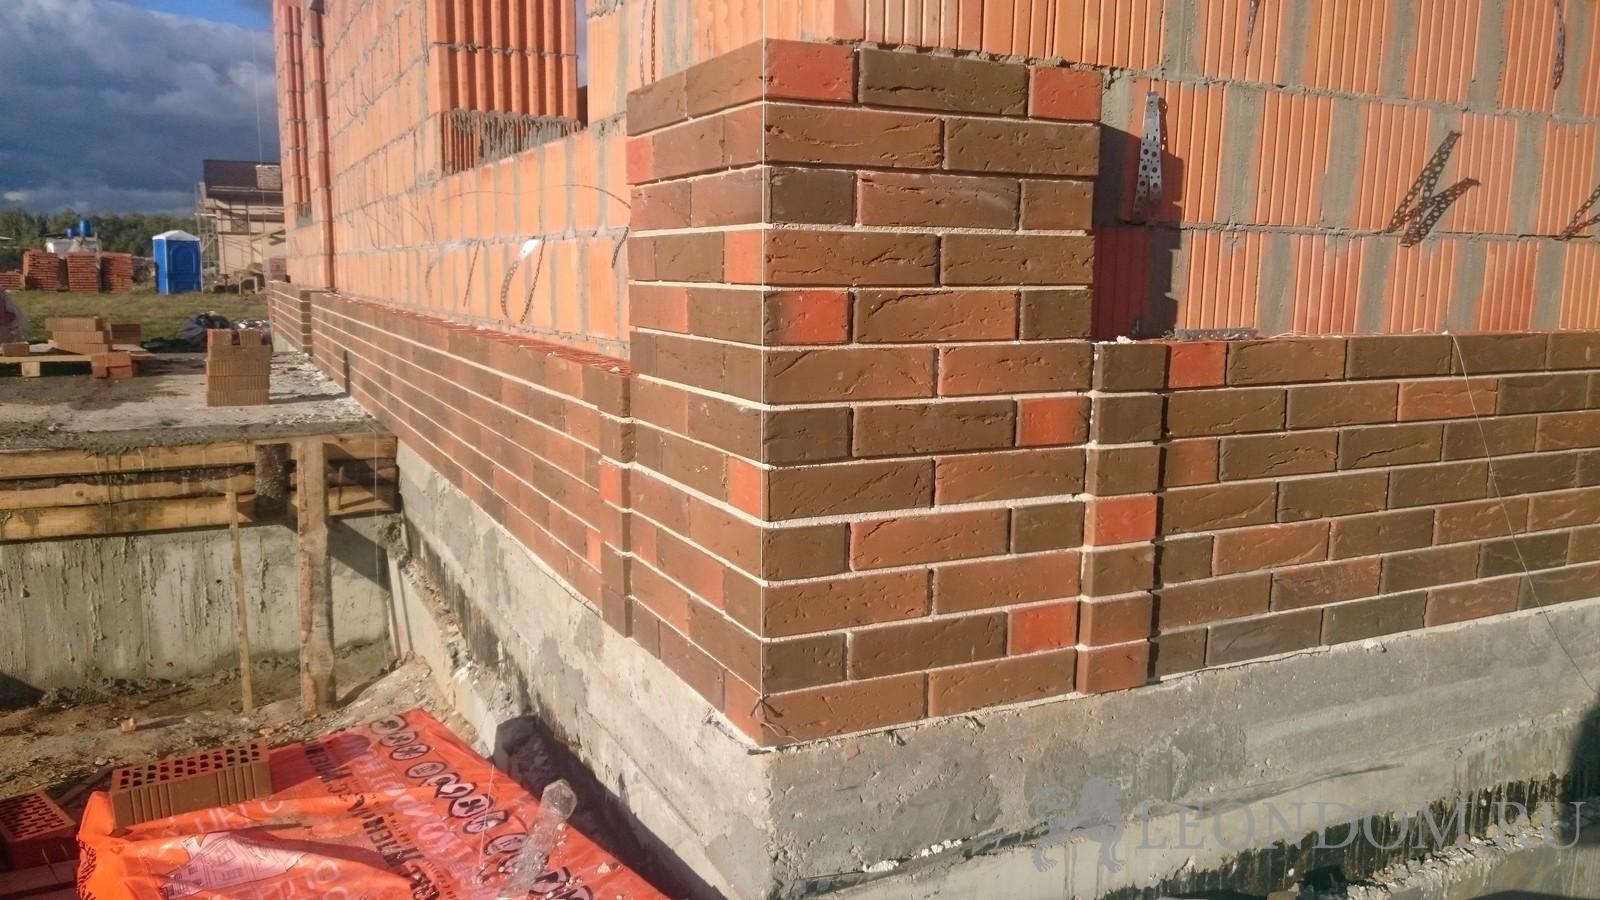 раз картинка кладки дома из блока обложенного красным динамо впервые